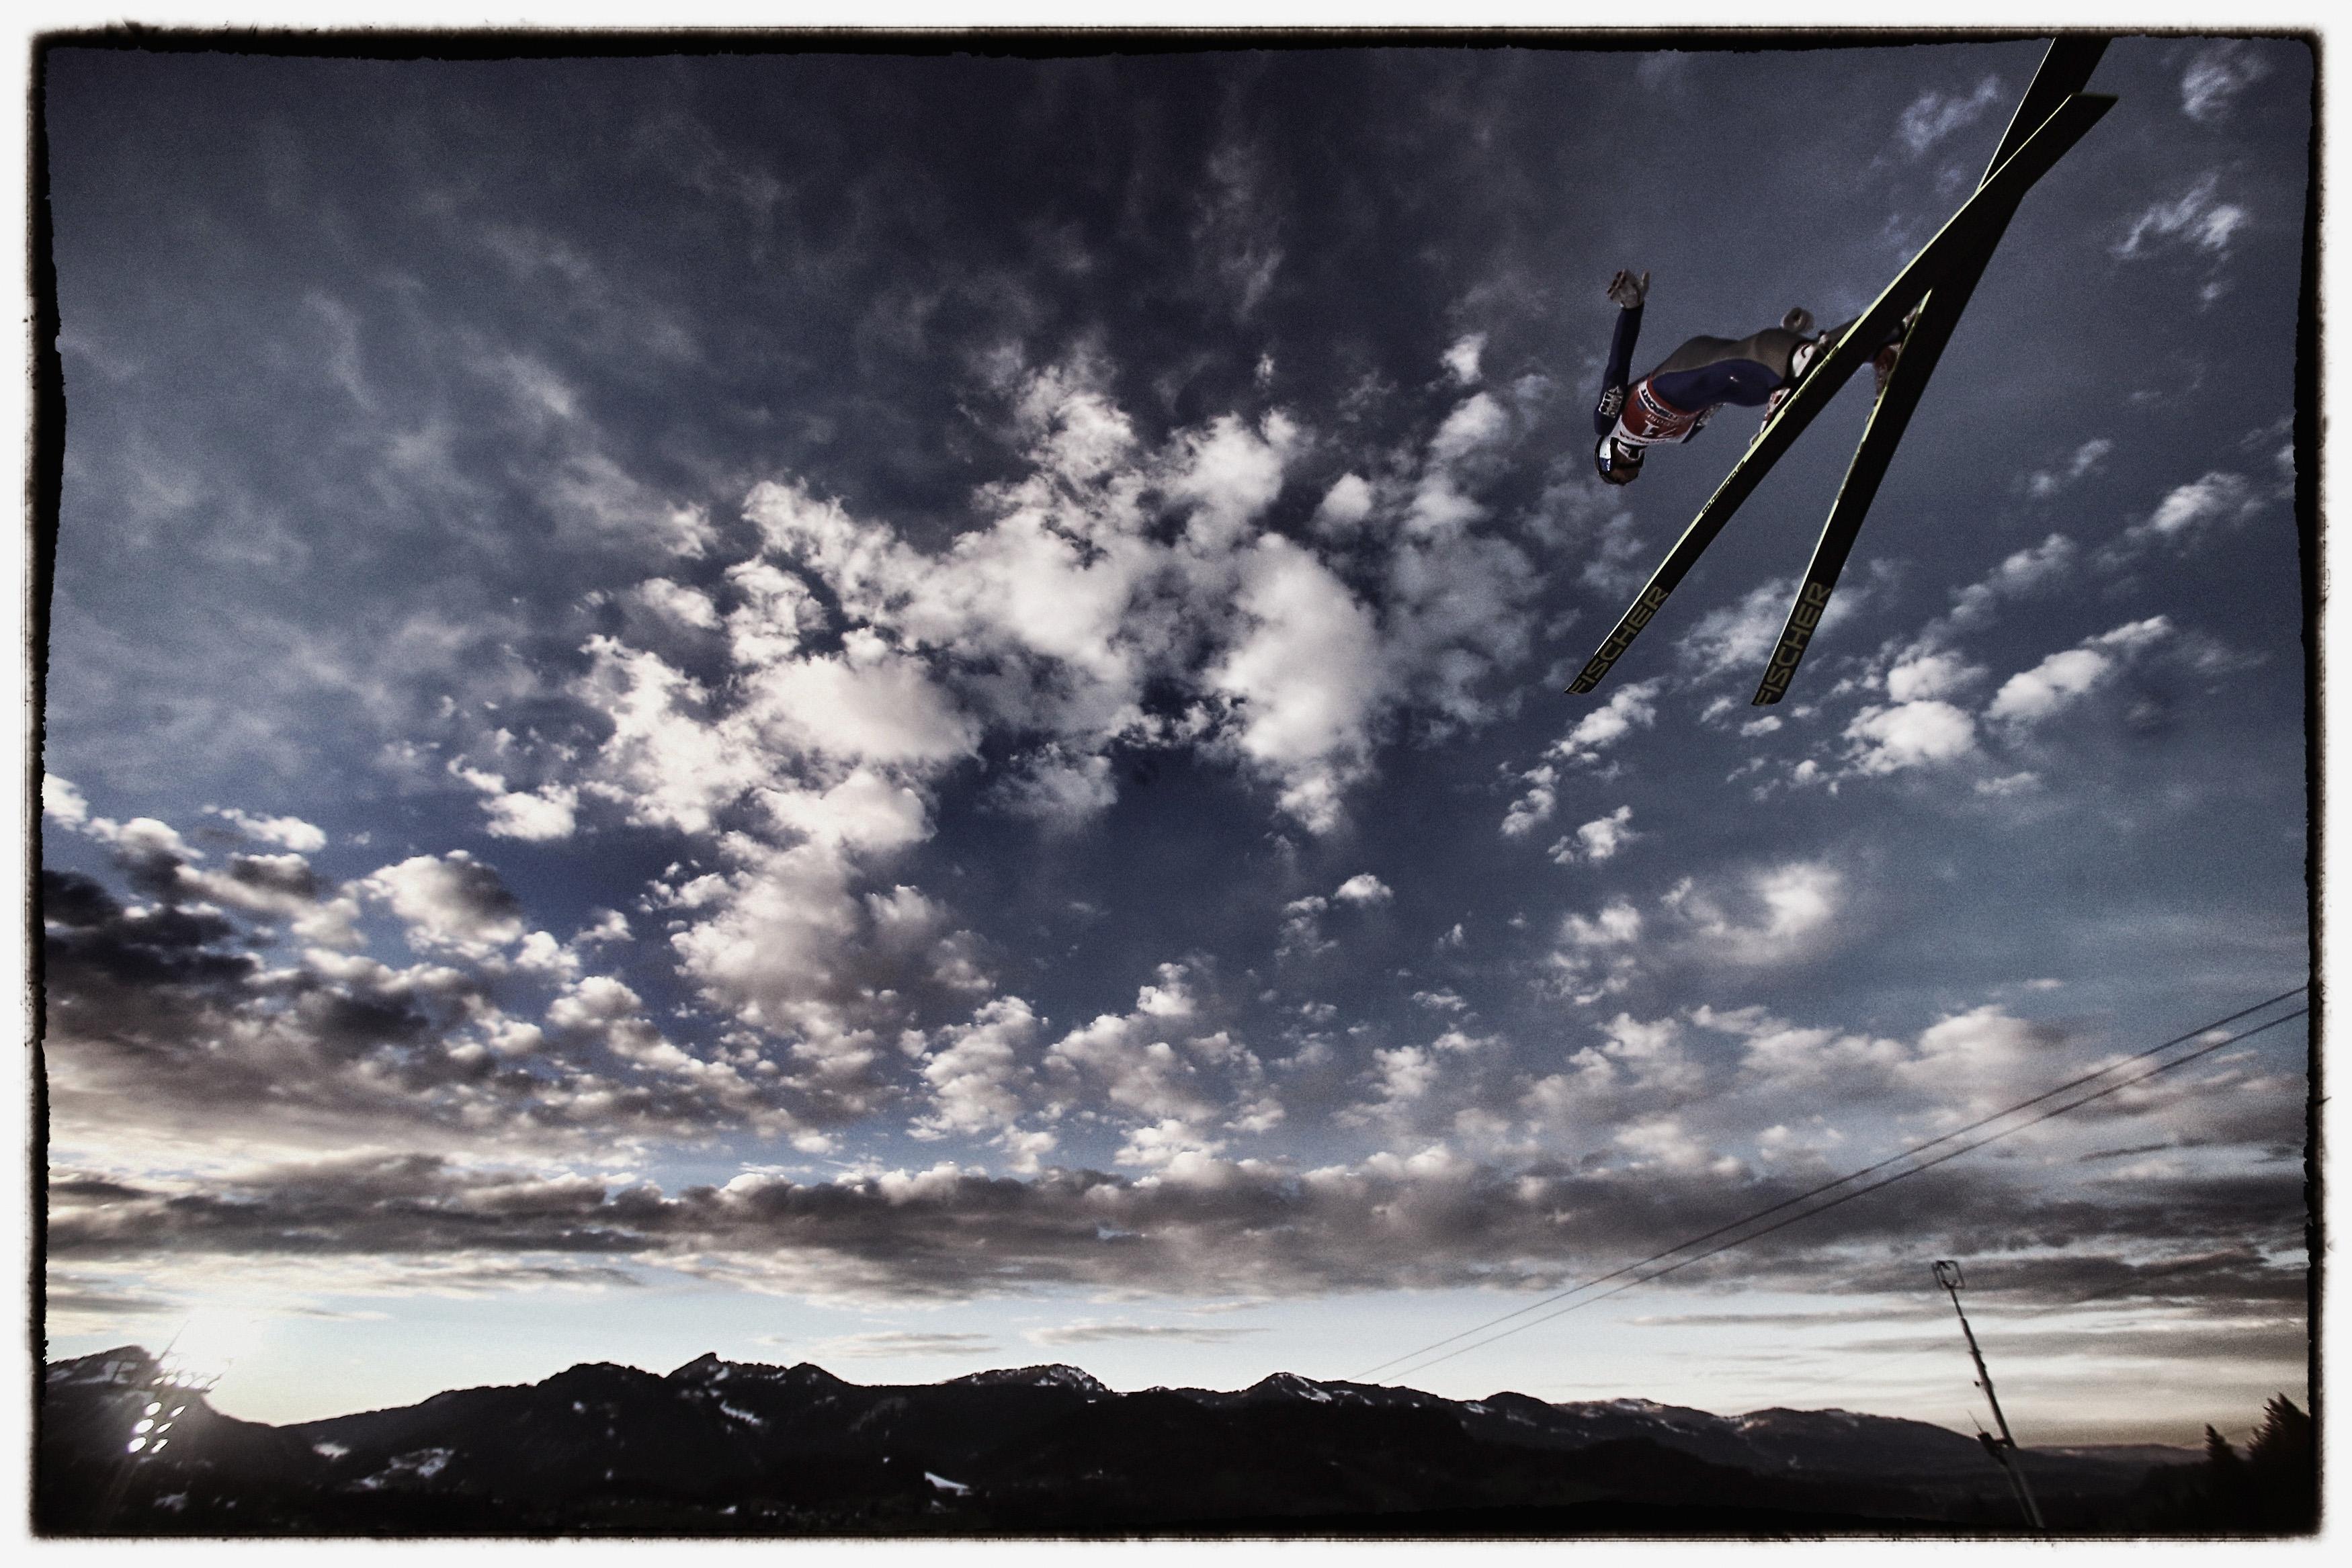 Во время этапа Кубка мира по прыжкам на лыжах с трамплина в Обергофе, Германия